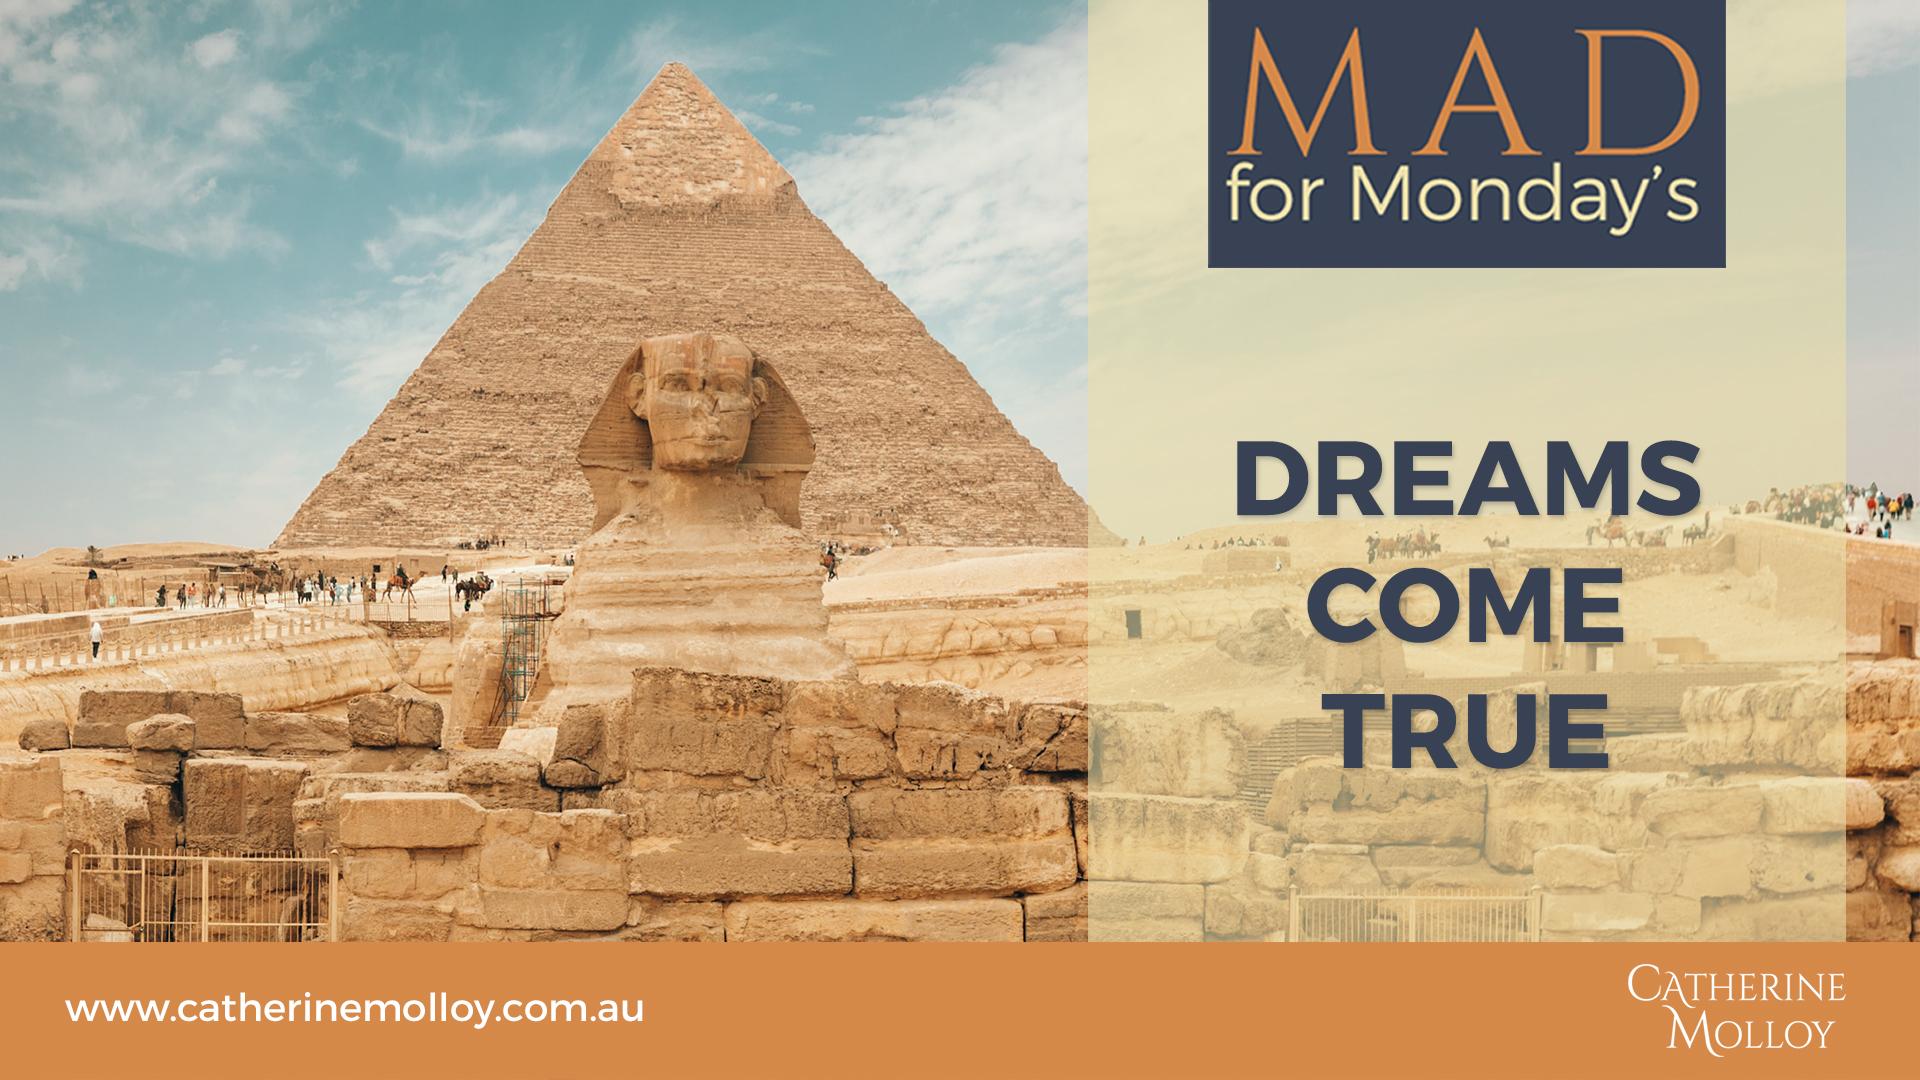 MAD for Monday's – Dreams Come True